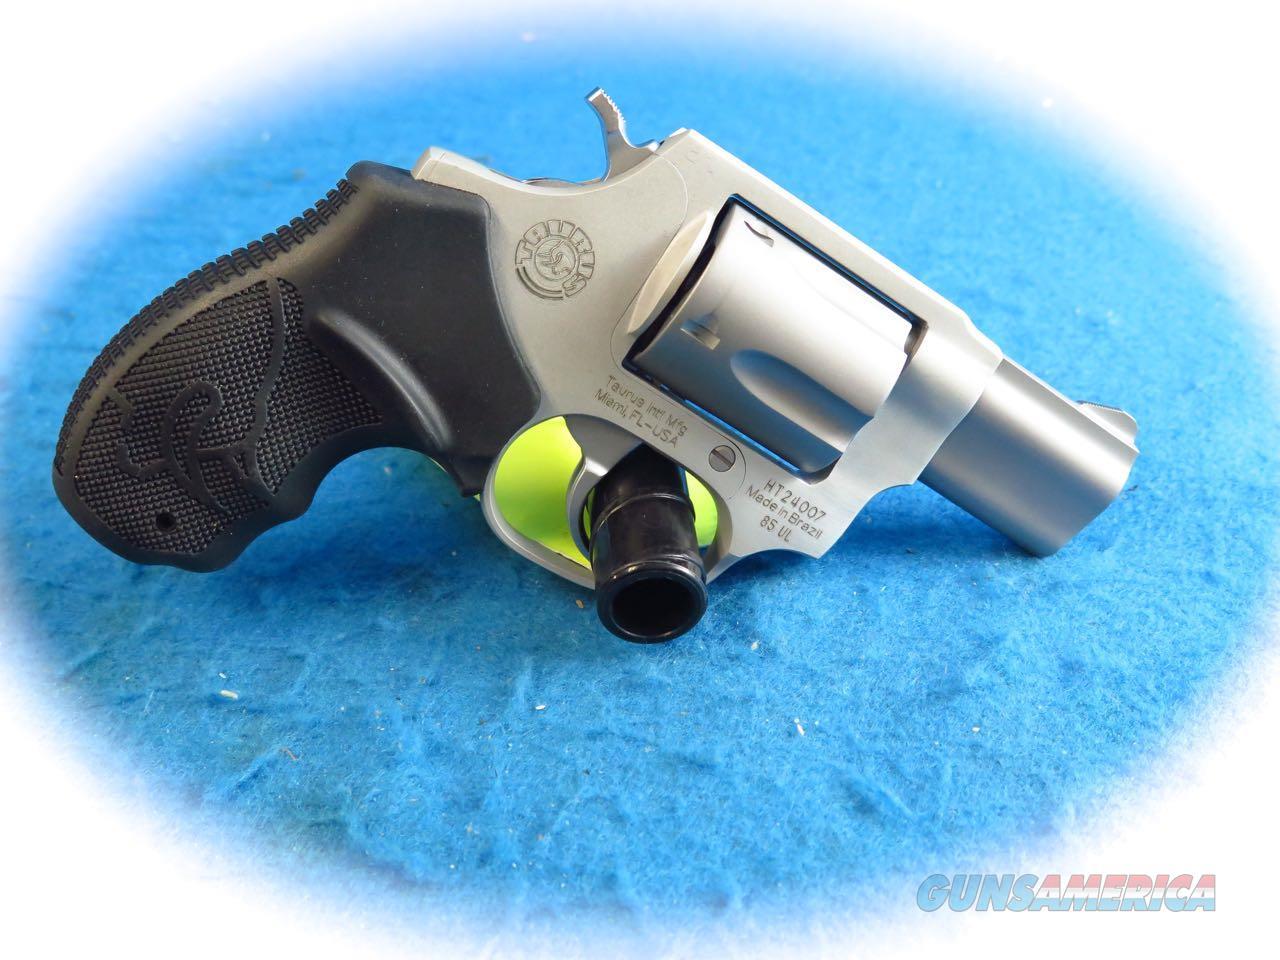 Taurus Model 85 Ultra-Lite .38 Spl +P 5 Shot Revolver **New**  Guns > Pistols > Taurus Pistols > Revolvers